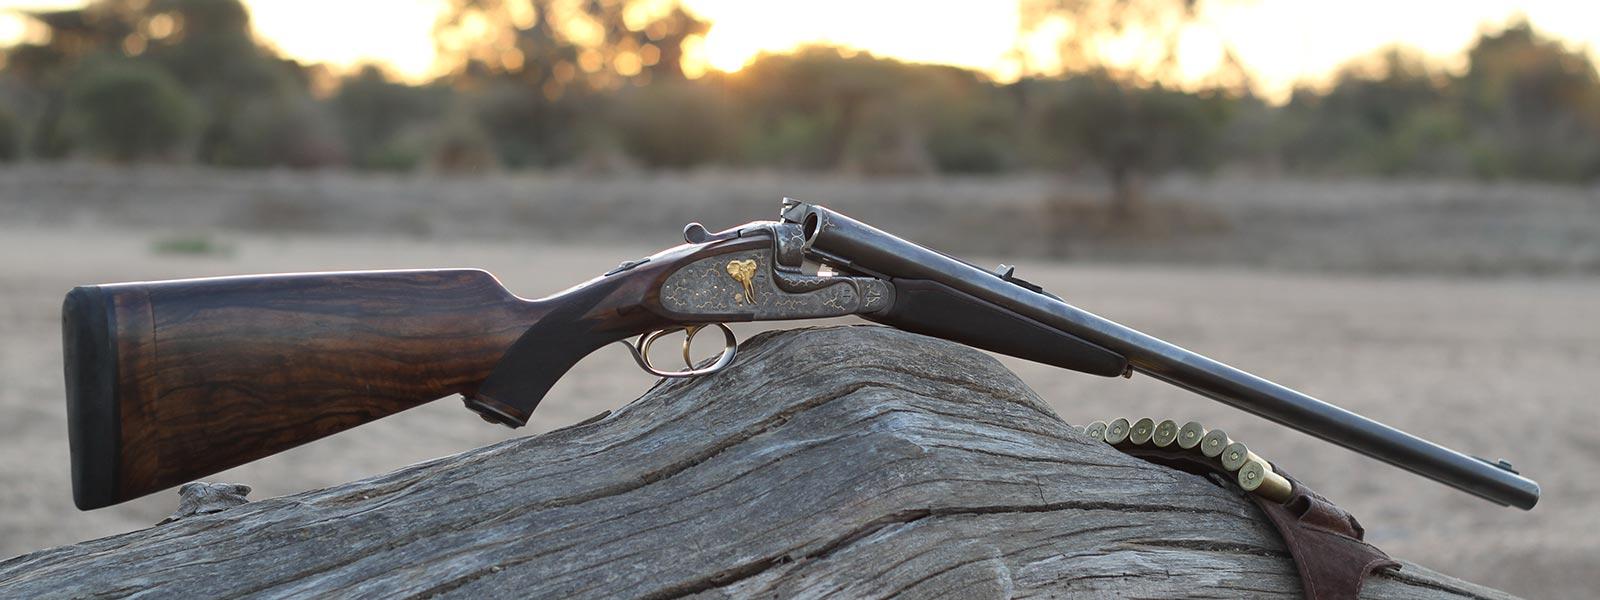 Dale Desfountain's gun in the African bush